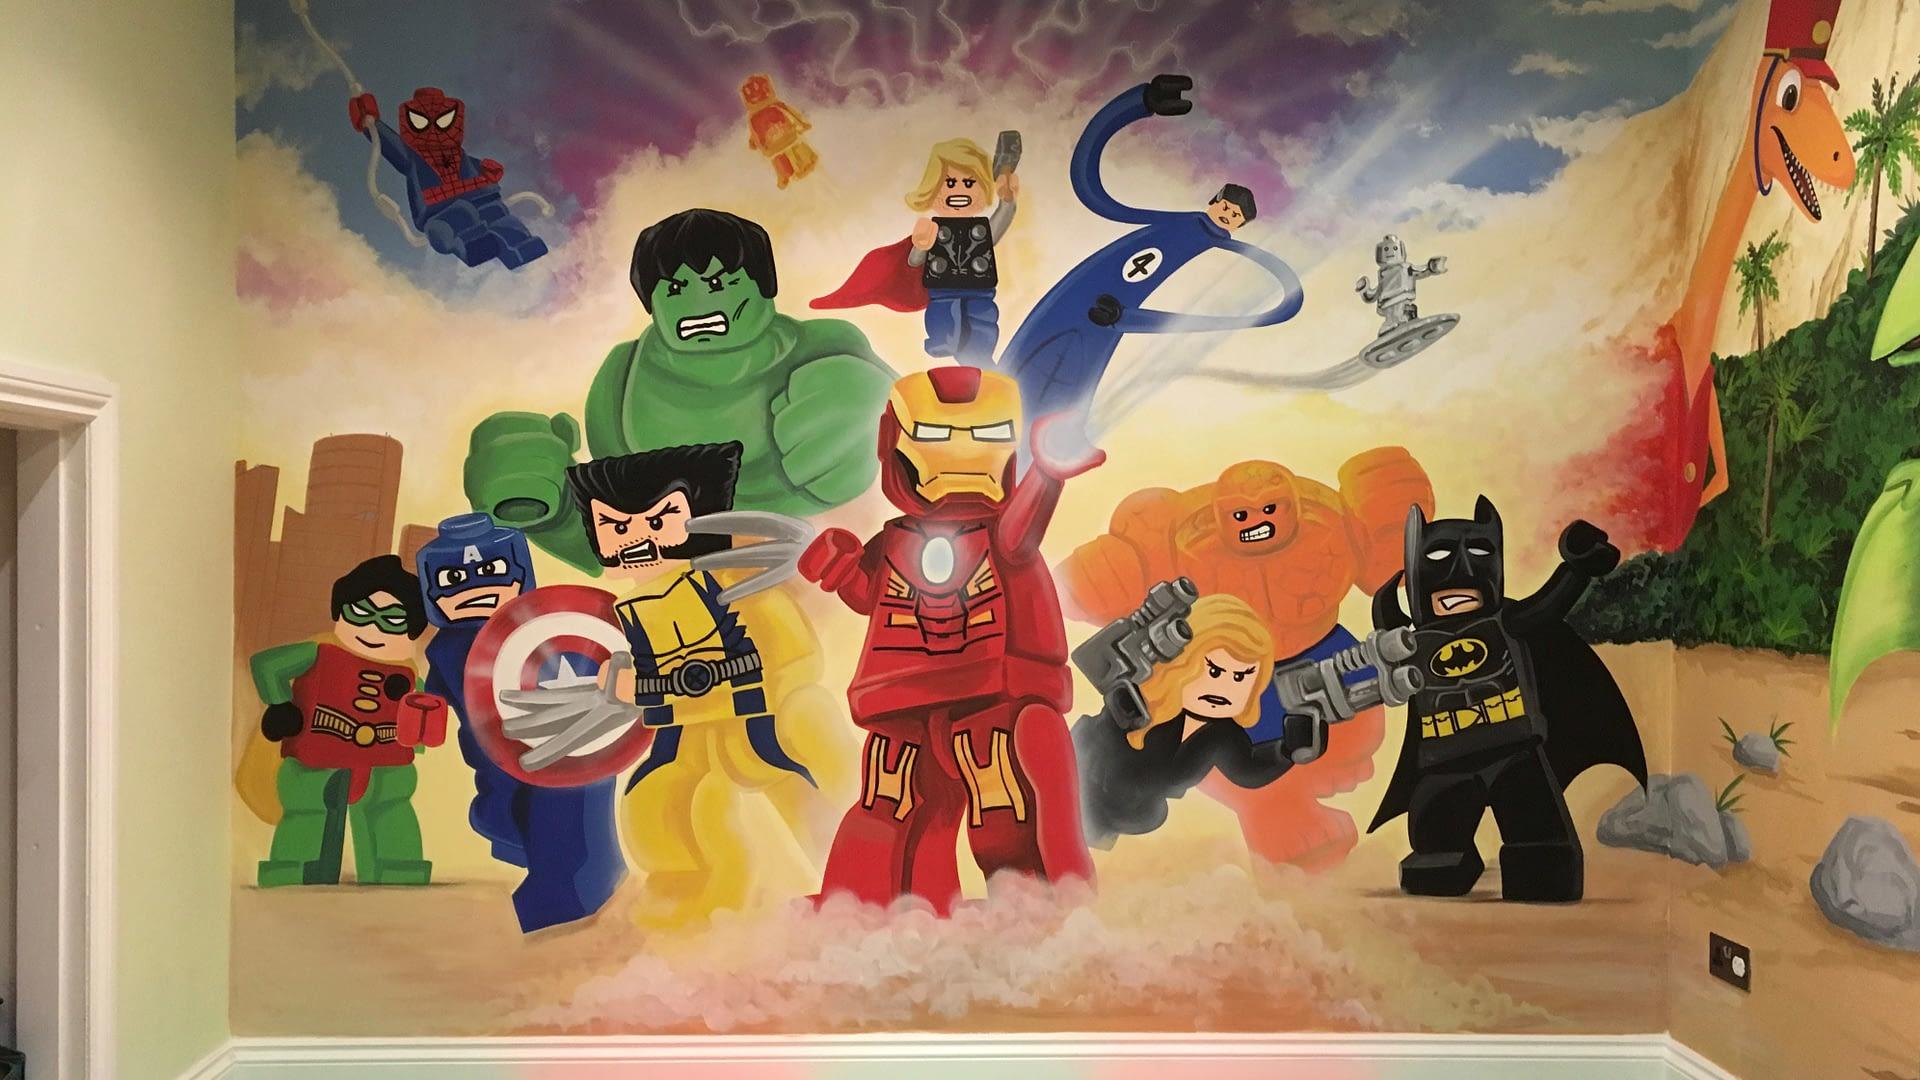 Lego Heroes Mural